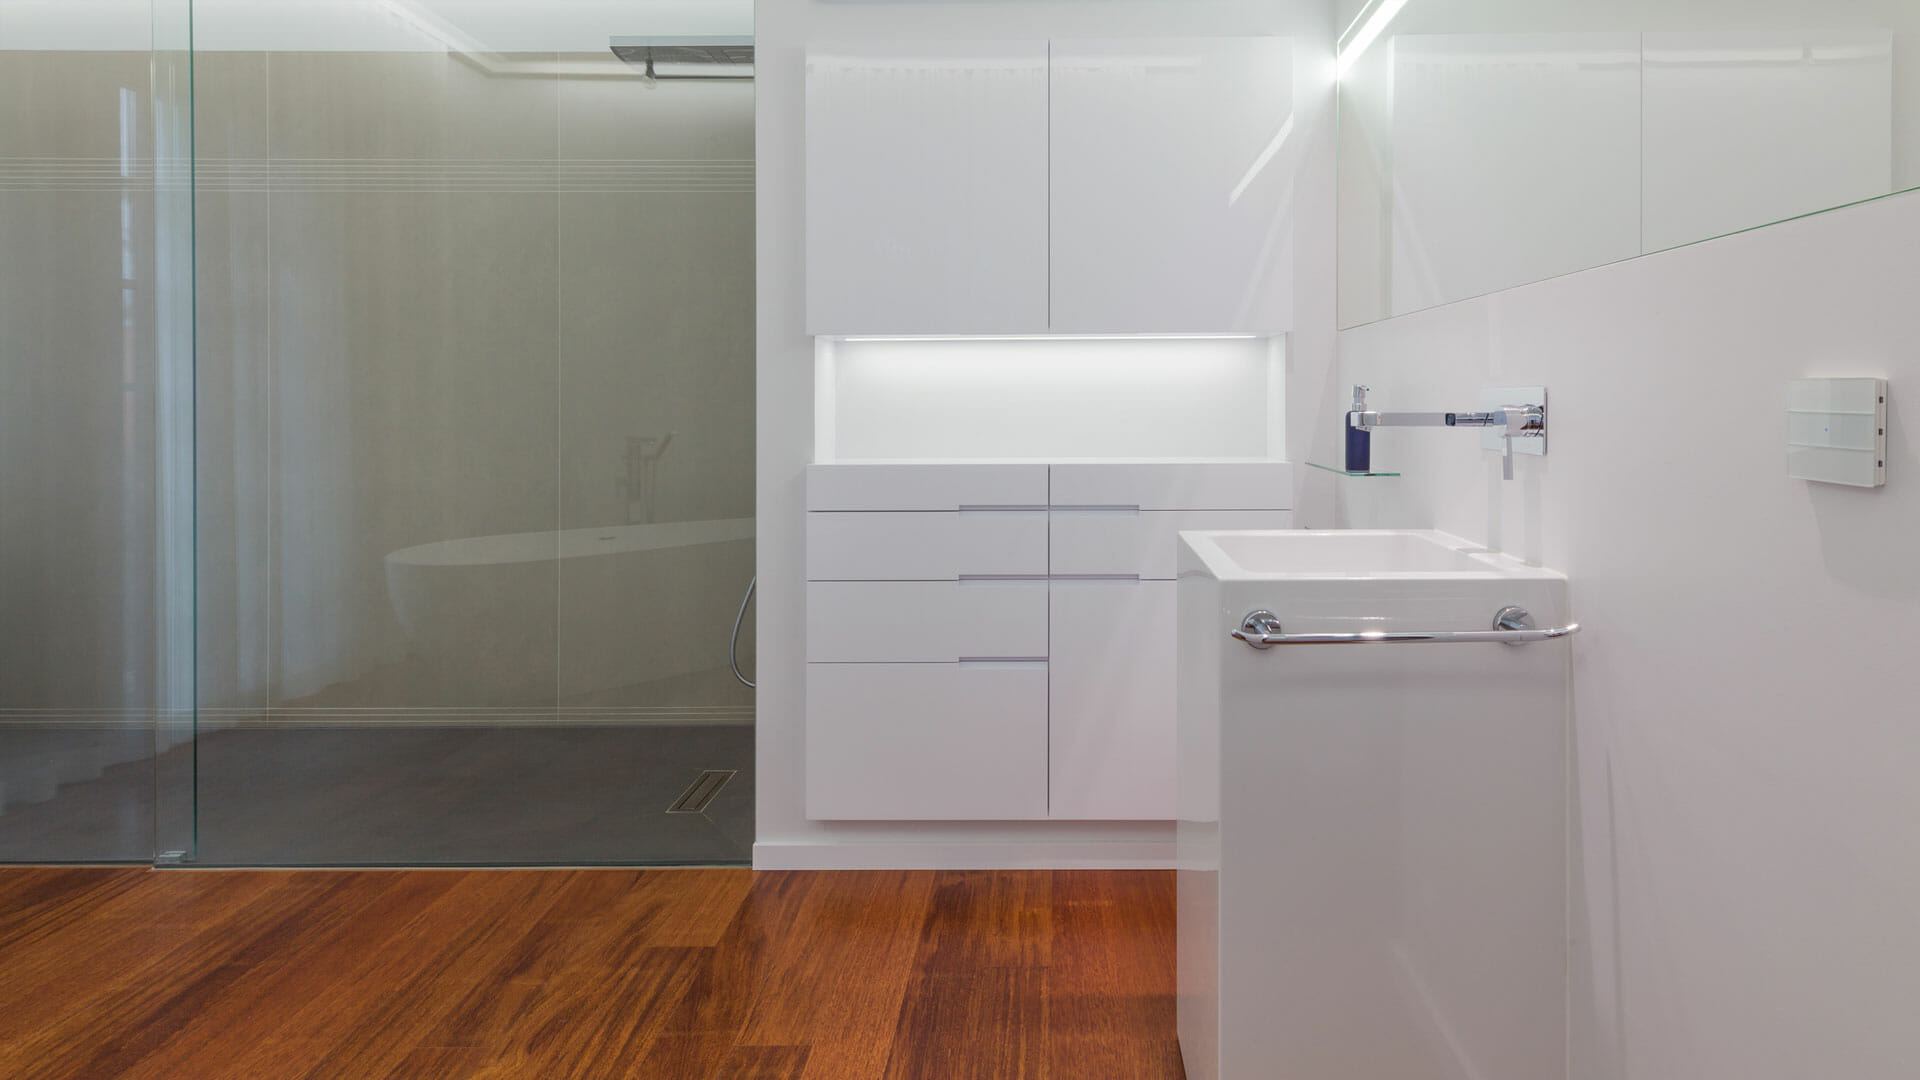 Wunderbar Badezimmer Design Das Beste Von Helles Offenes